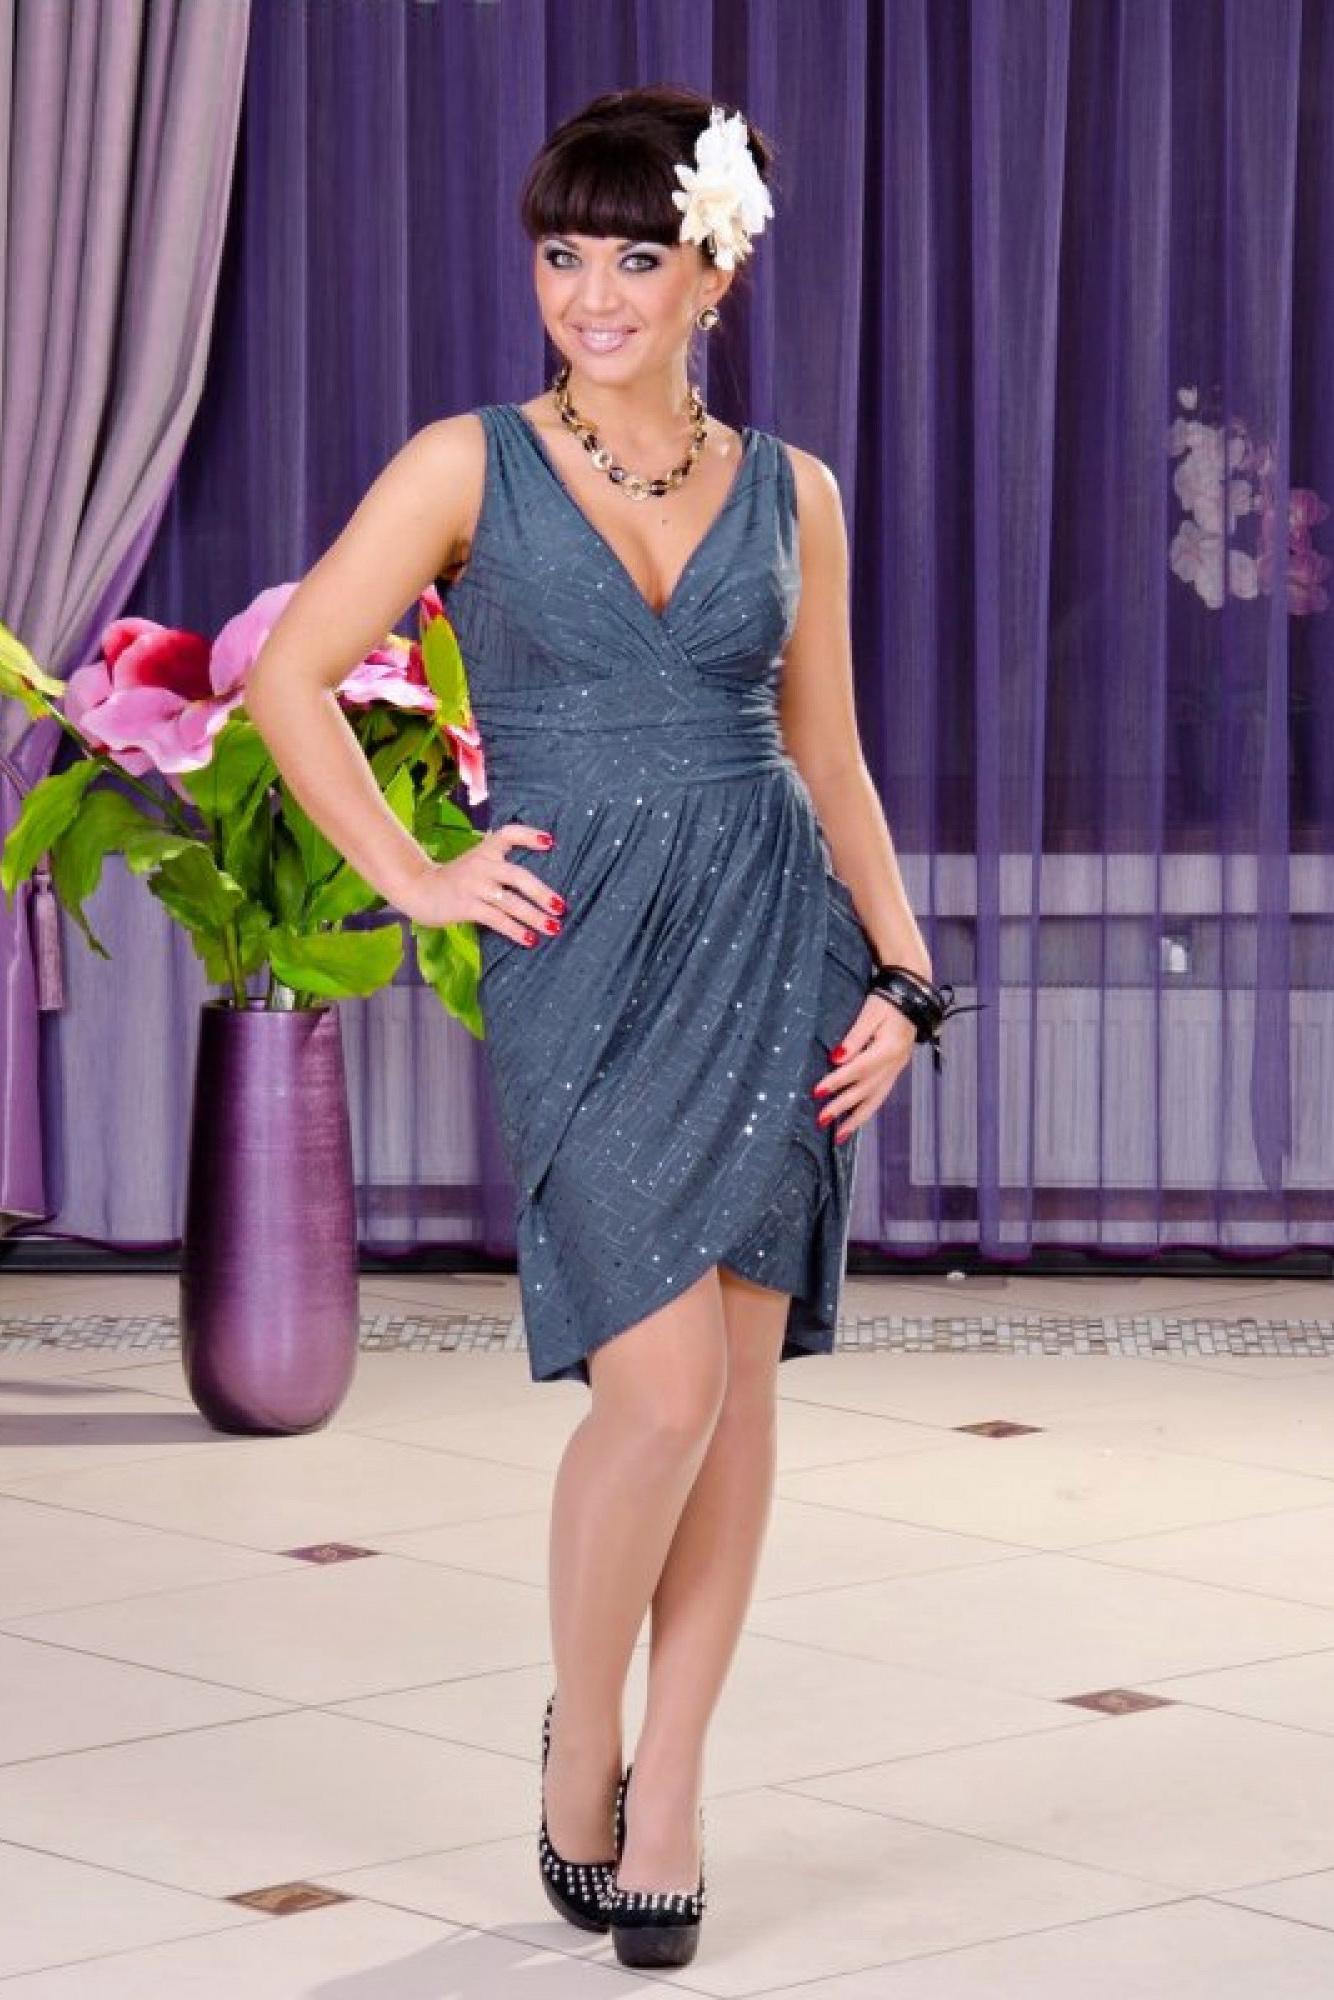 ПлатьеПлатья<br>Грациозное, нарядное платье в греческом стиле. Лиф и юбка выполнены на запах.  Бижутерия в комплект не входит.  Цвет: серый.  Длина изделия около 98 см<br><br>Горловина: V- горловина,Запах<br>По длине: До колена<br>По материалу: Трикотаж<br>По рисунку: Однотонные<br>По сезону: Весна,Зима,Лето,Осень,Всесезон<br>По силуэту: Приталенные<br>По стилю: Нарядный стиль,Вечерний стиль<br>По форме: Платье - тюльпан<br>По элементам: С вырезом,С декором,С завышенной талией,С разрезом,С фигурным низом,Со складками<br>Рукав: Без рукавов<br>Размер : 46,48<br>Материал: Холодное масло<br>Количество в наличии: 4